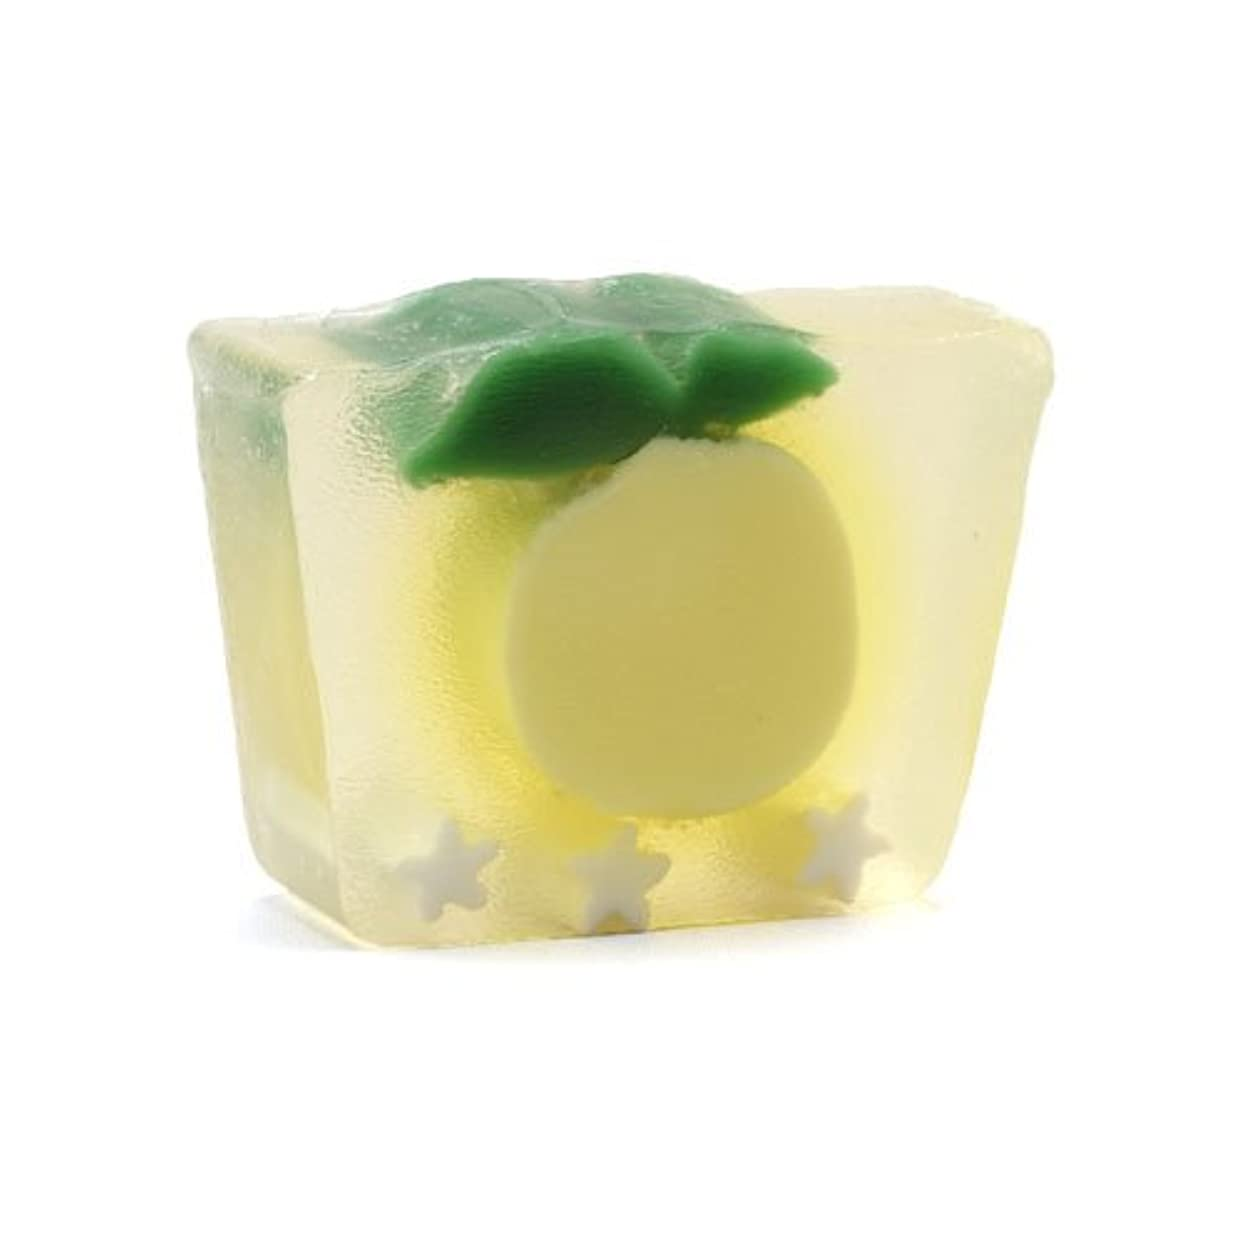 熟練したコンプリートドリンクプライモールエレメンツ アロマティック ミニソープ カリフォルニアレモン 80g 植物性 ナチュラル 石鹸 無添加